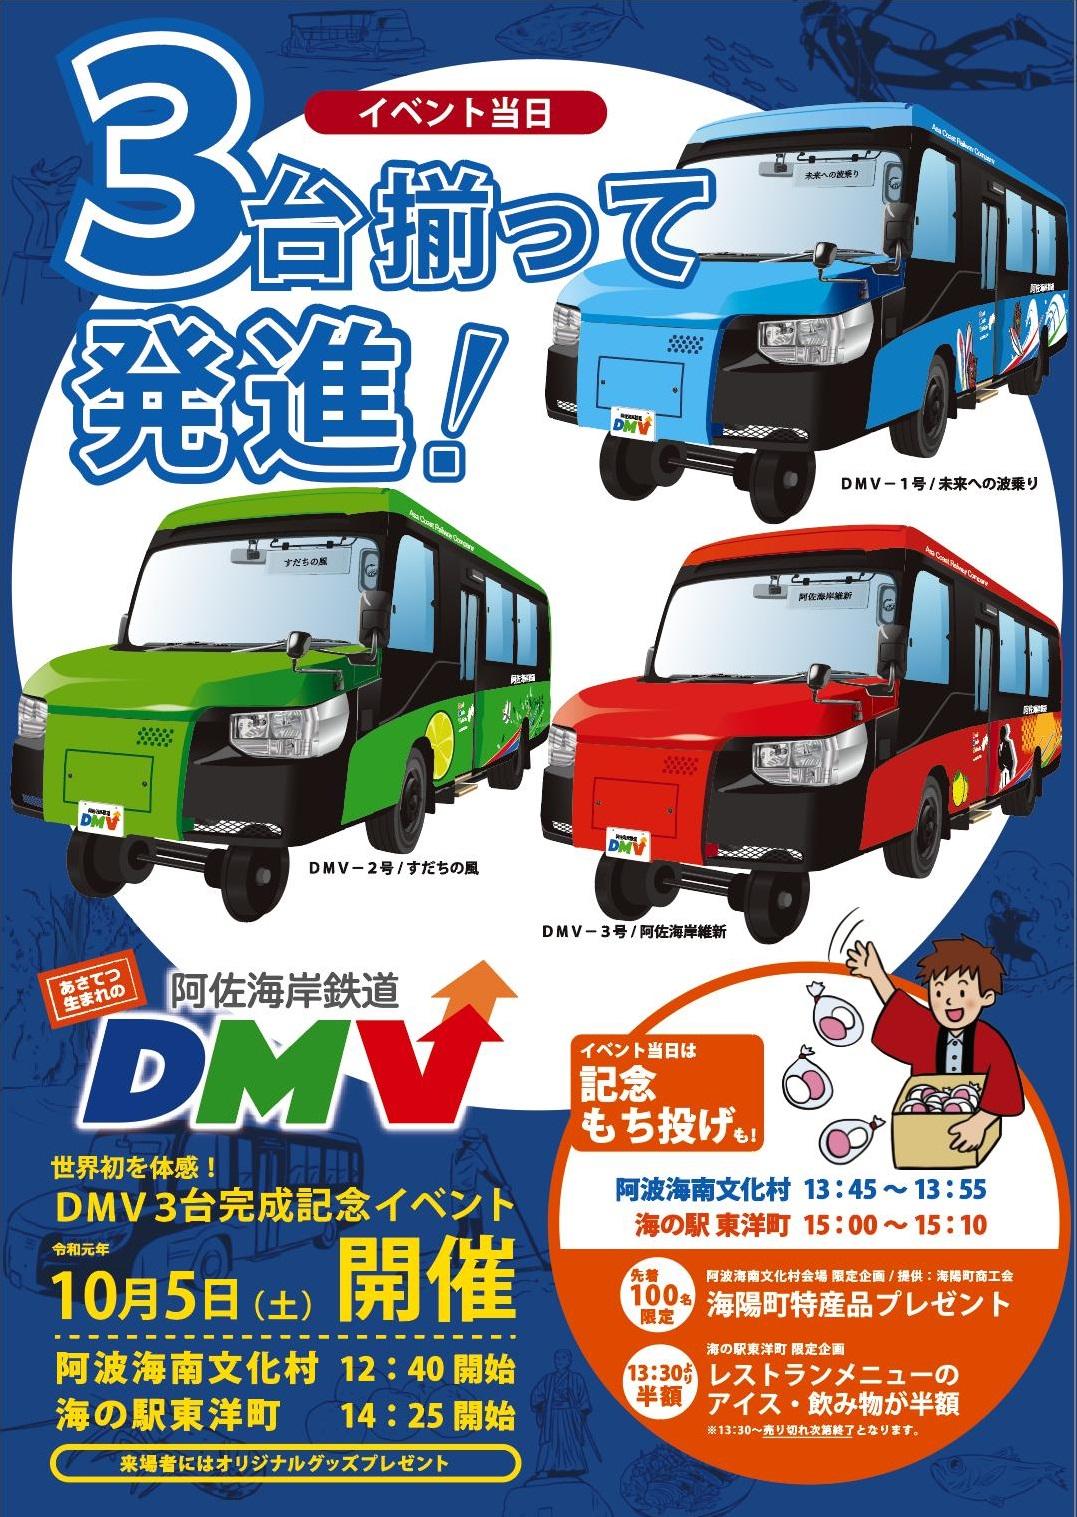 DMV 3台完成記念イベント